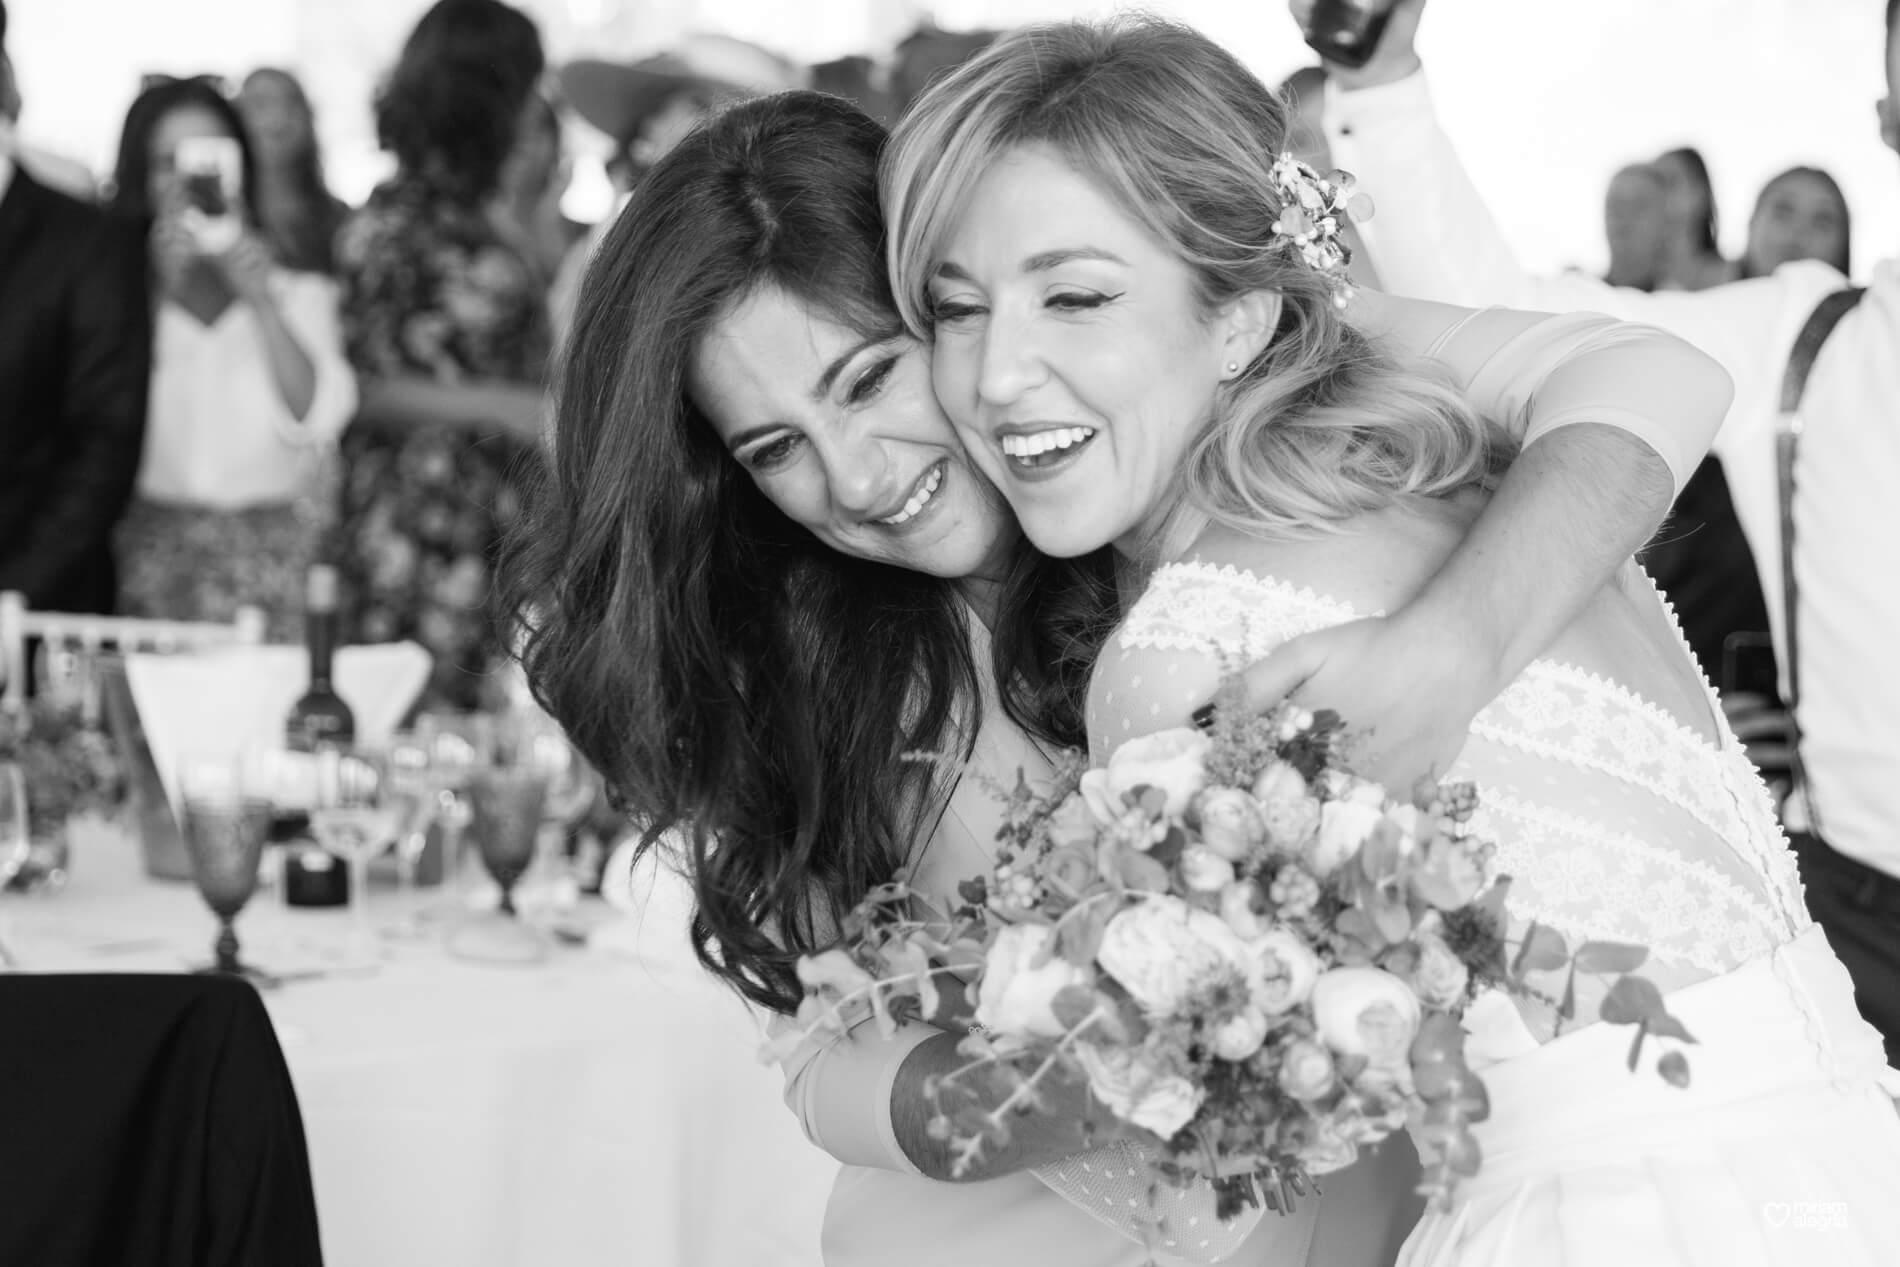 boda-en-finca-villa-vera-de-alemc7-miriam-alegria-fotografos-boda-murcia-186